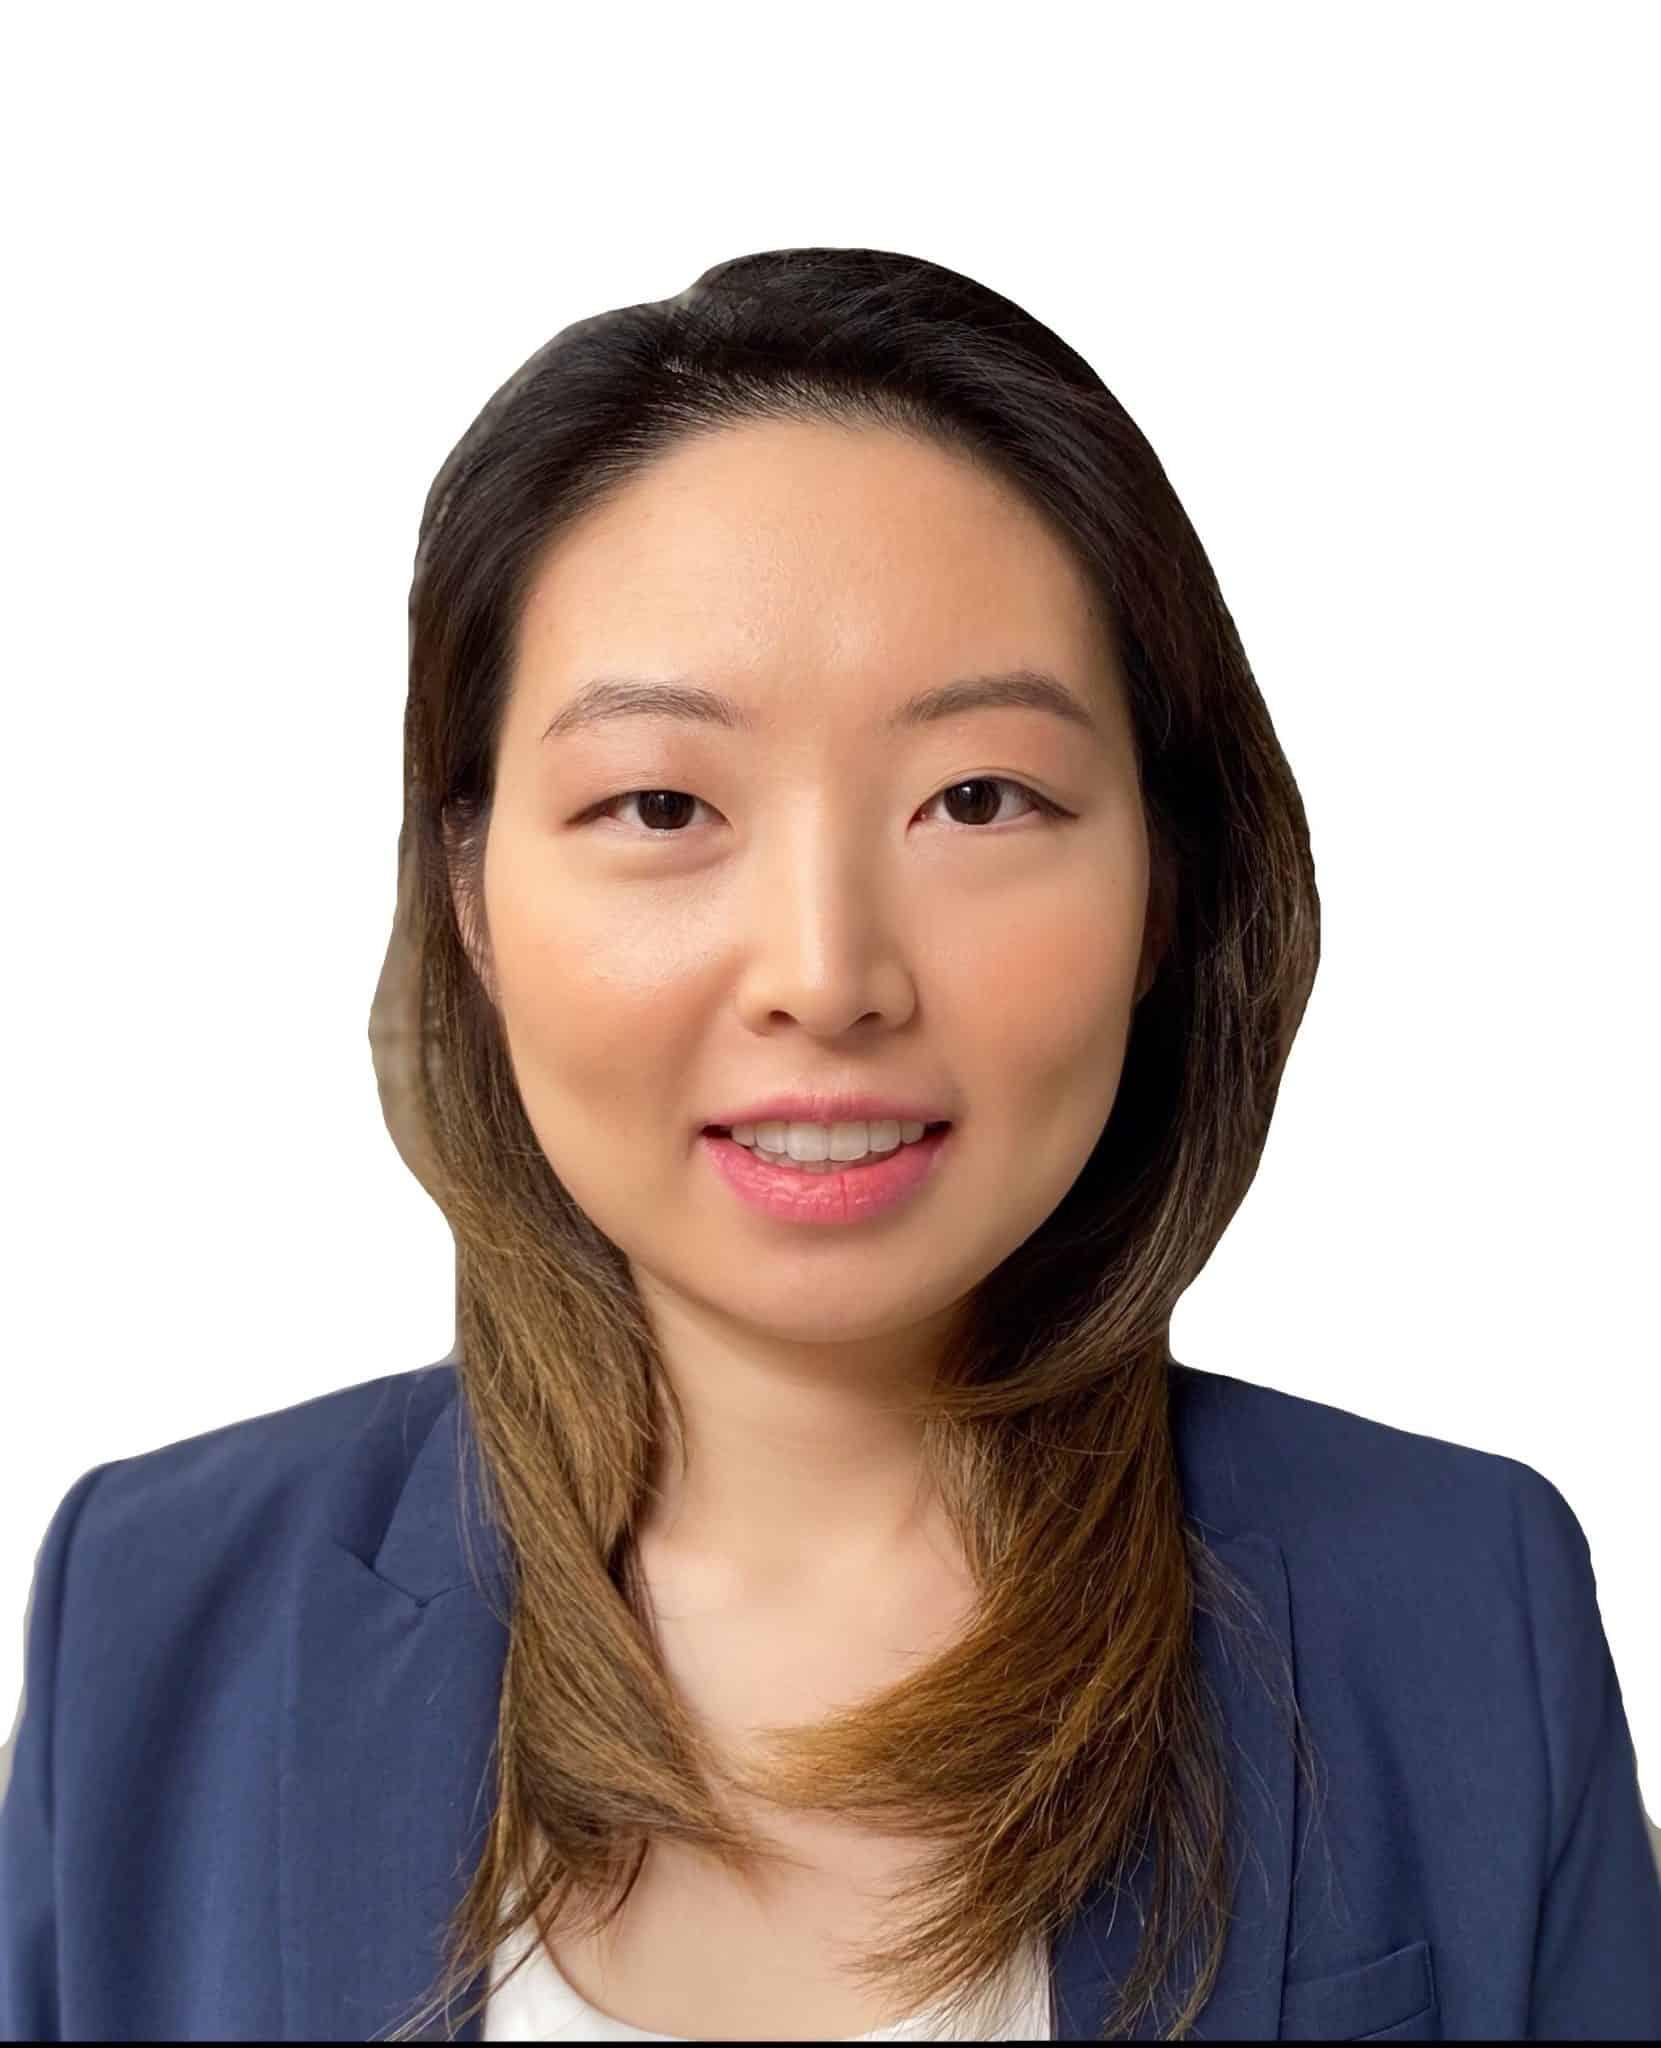 Kaidi Wang, M.D.